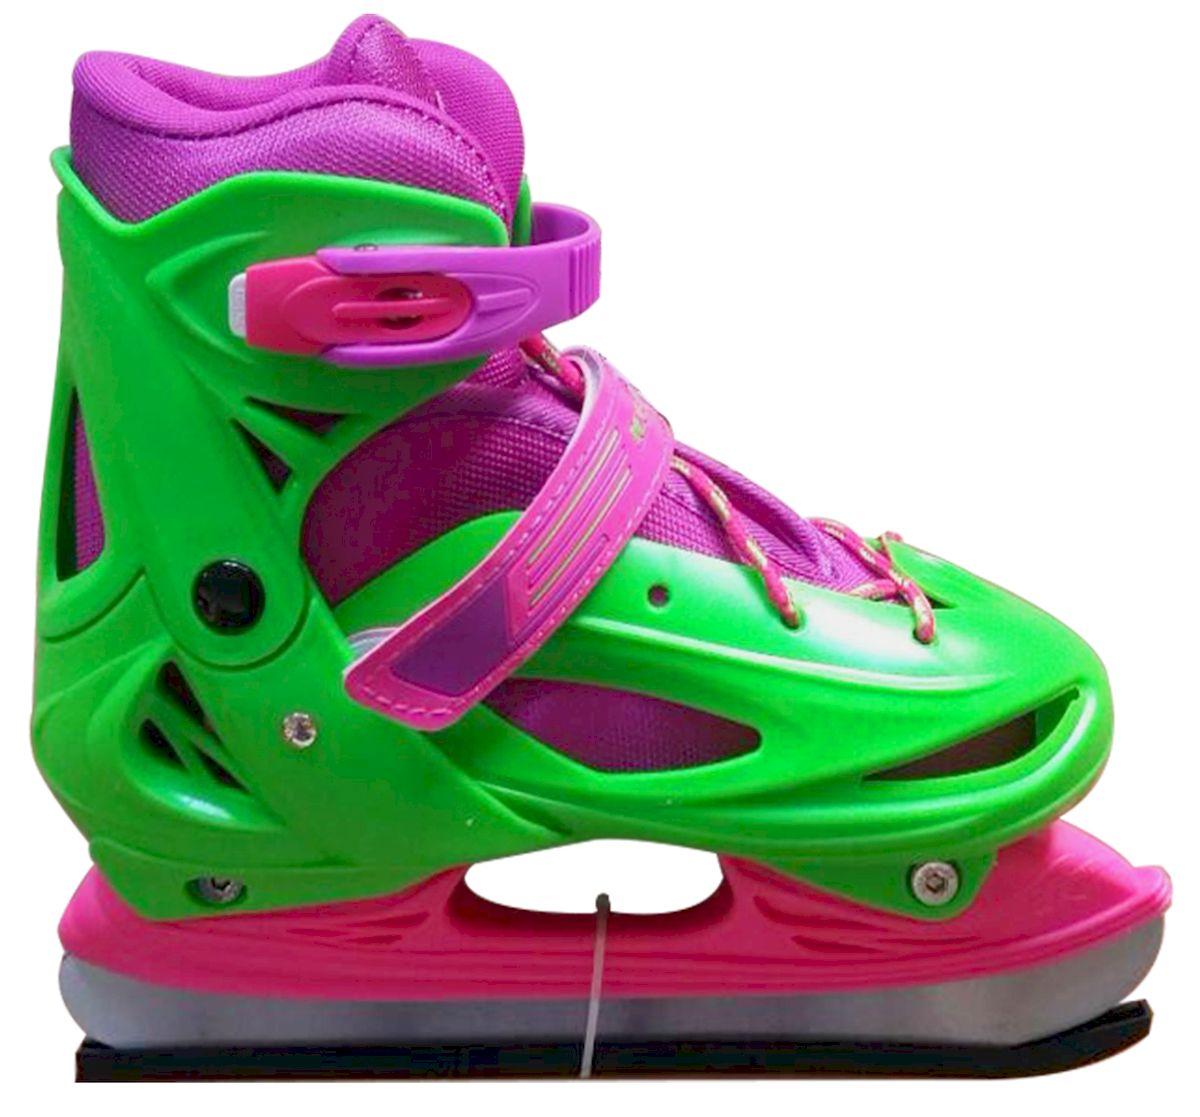 Коньки ледовые Ice Blade Sophie, раздвижные, цвет: розовый, зеленый. УТ-00009126. Размер S (30/33)